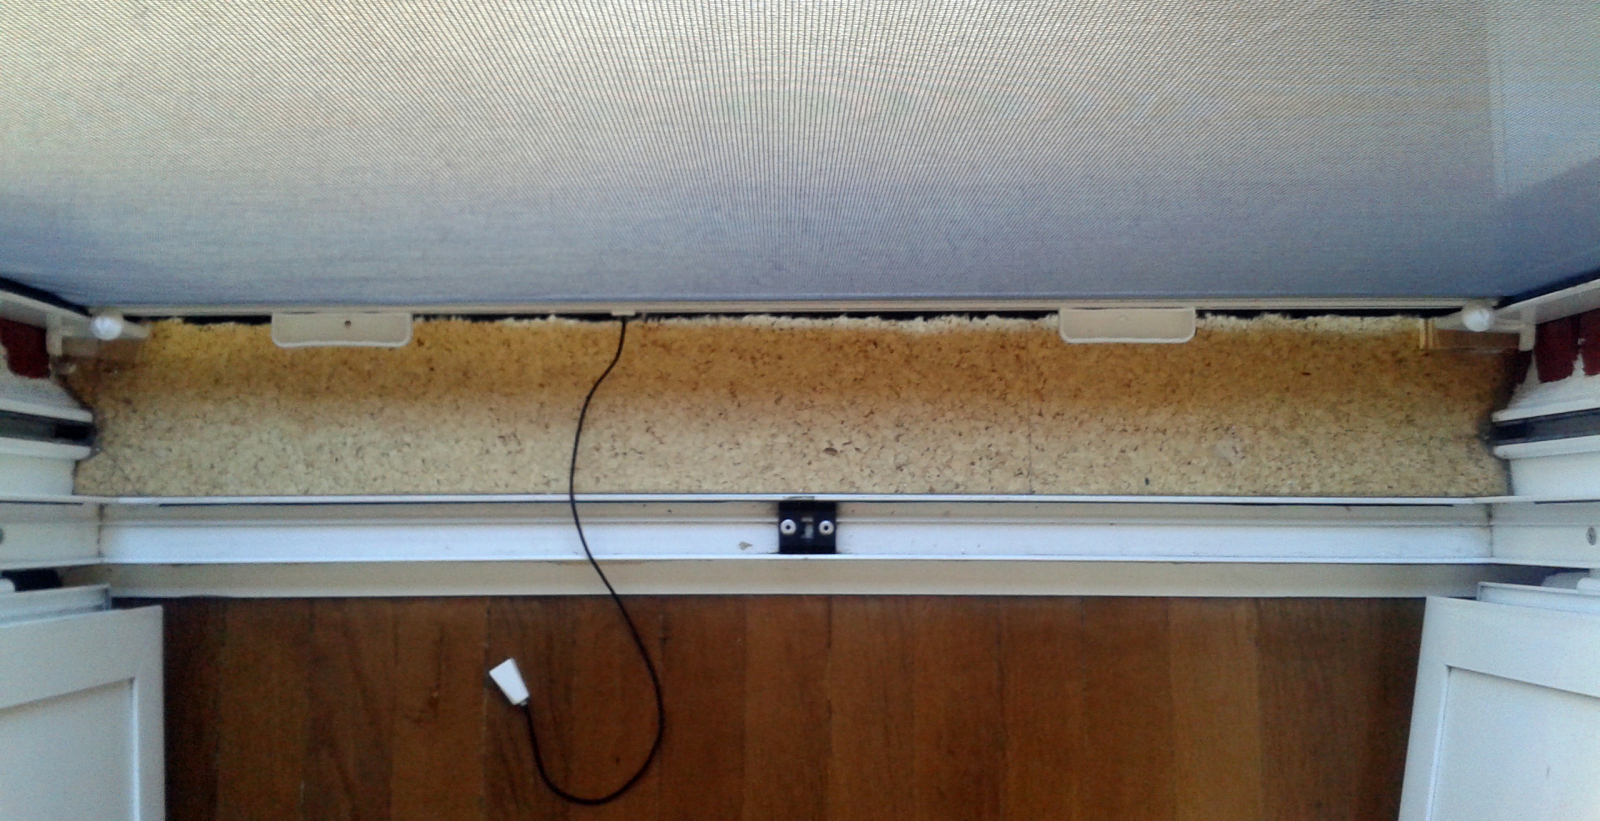 redes - Mosquiteras y redes para las ventanas y cómo proteger a nuestros gatos - Página 9 25ezafd